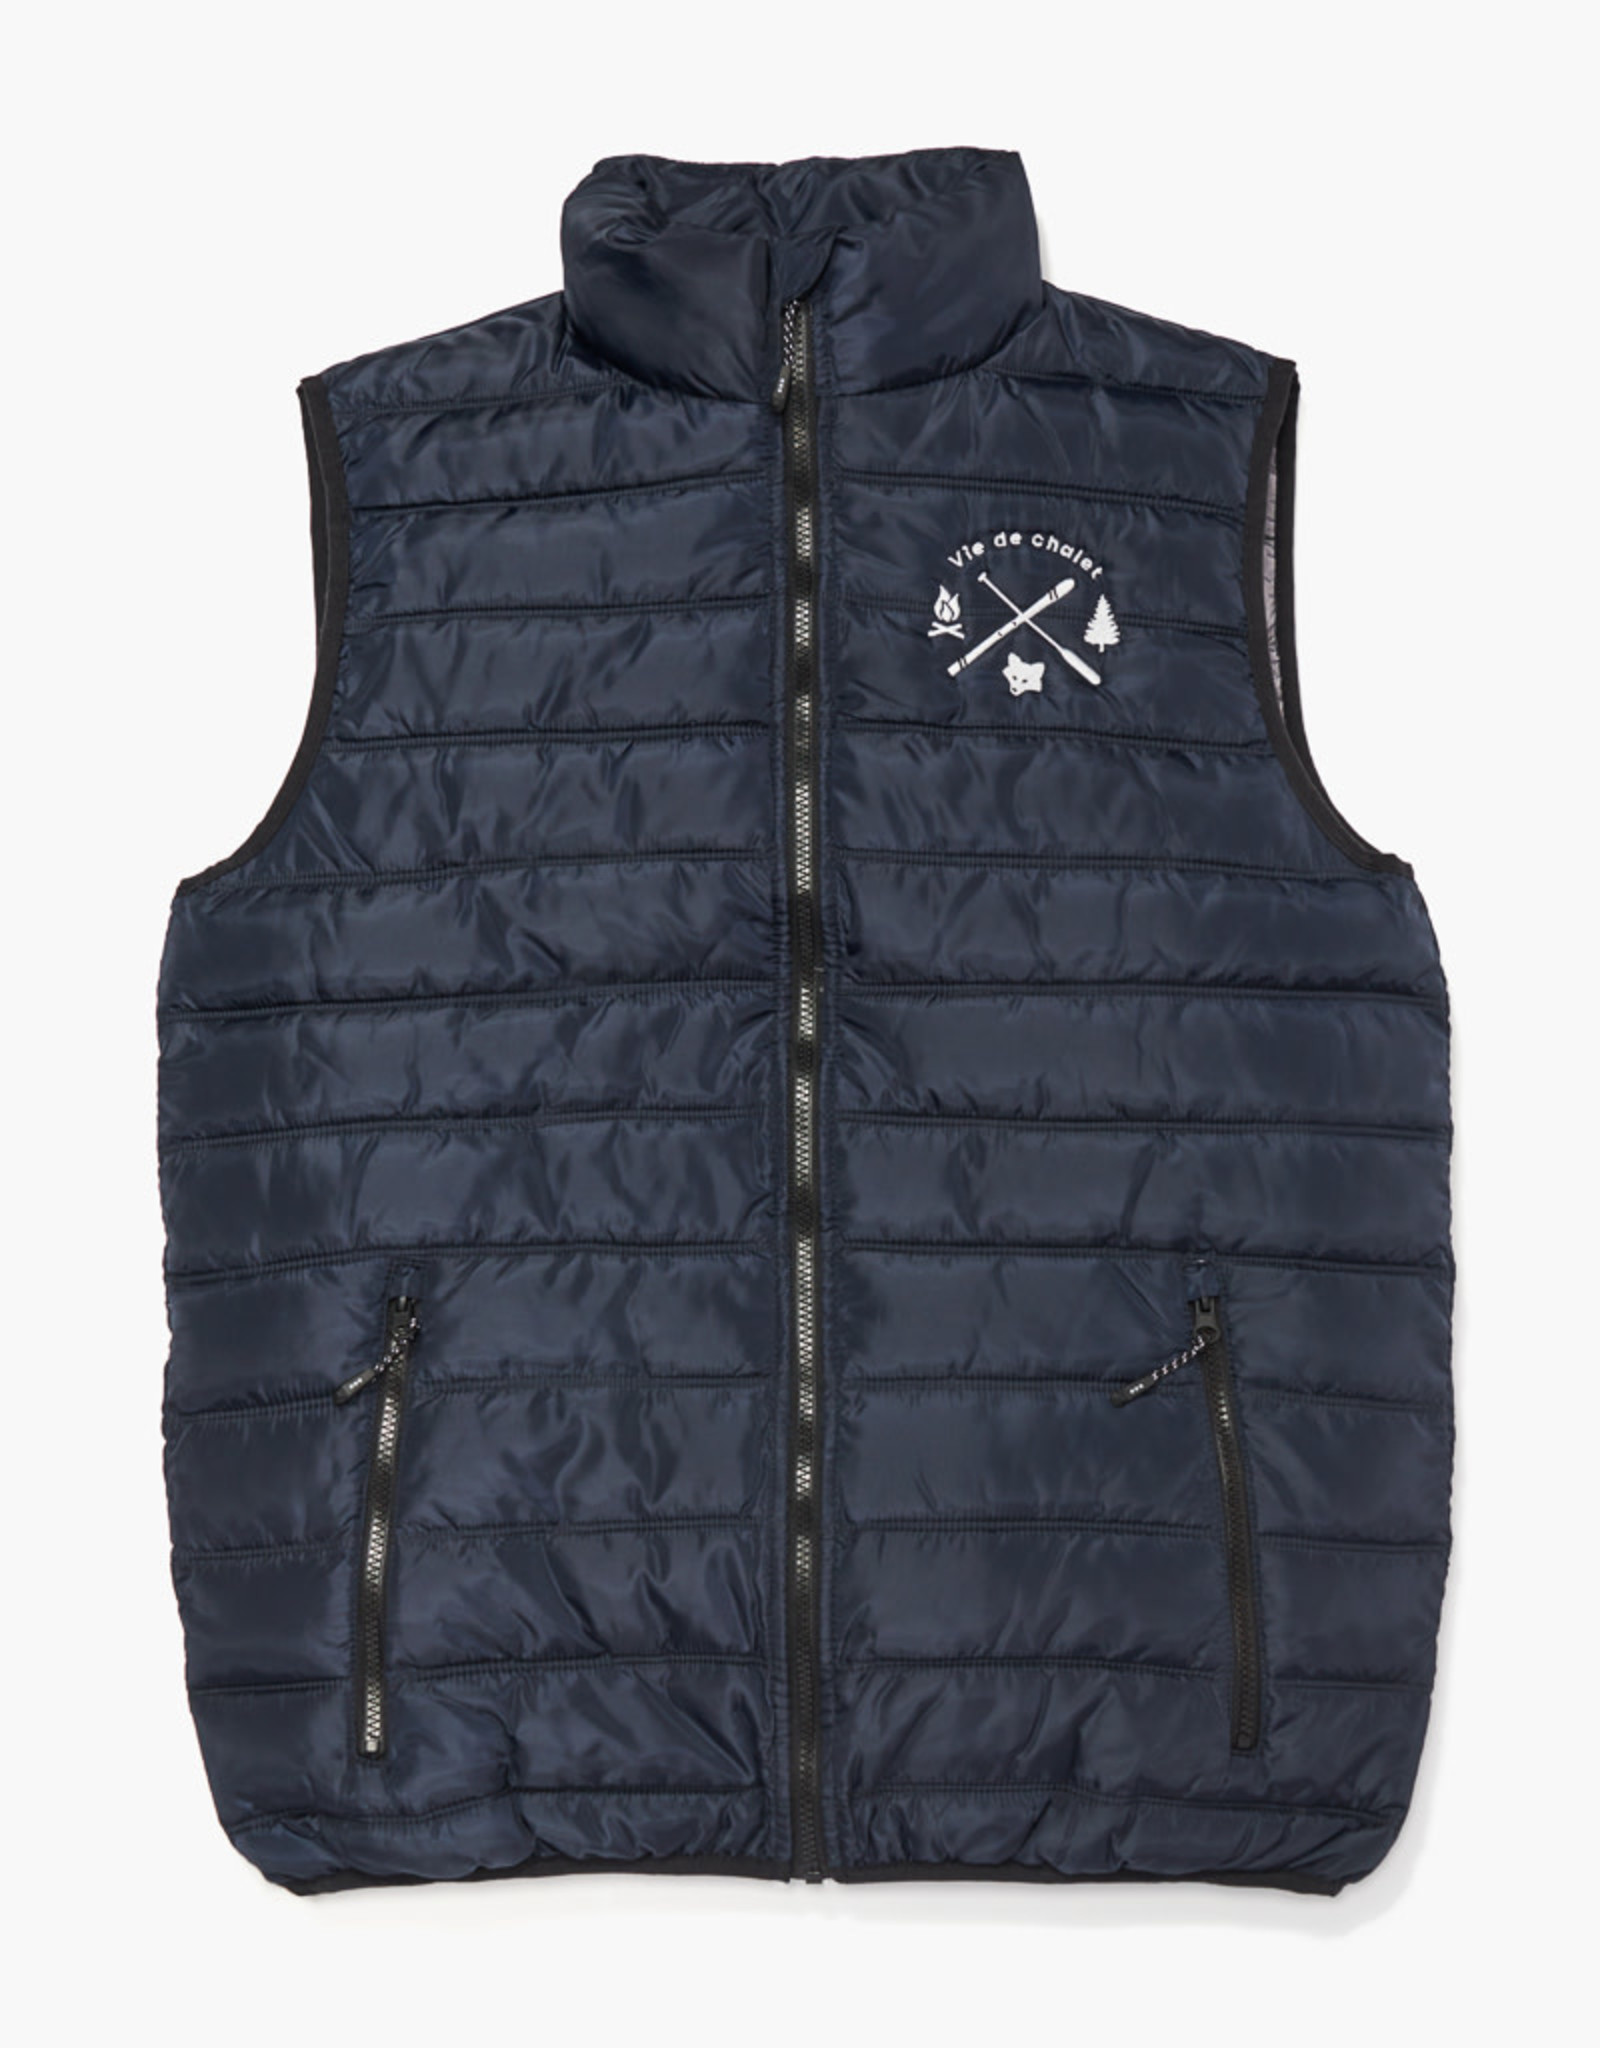 TRIMARK Men's vest